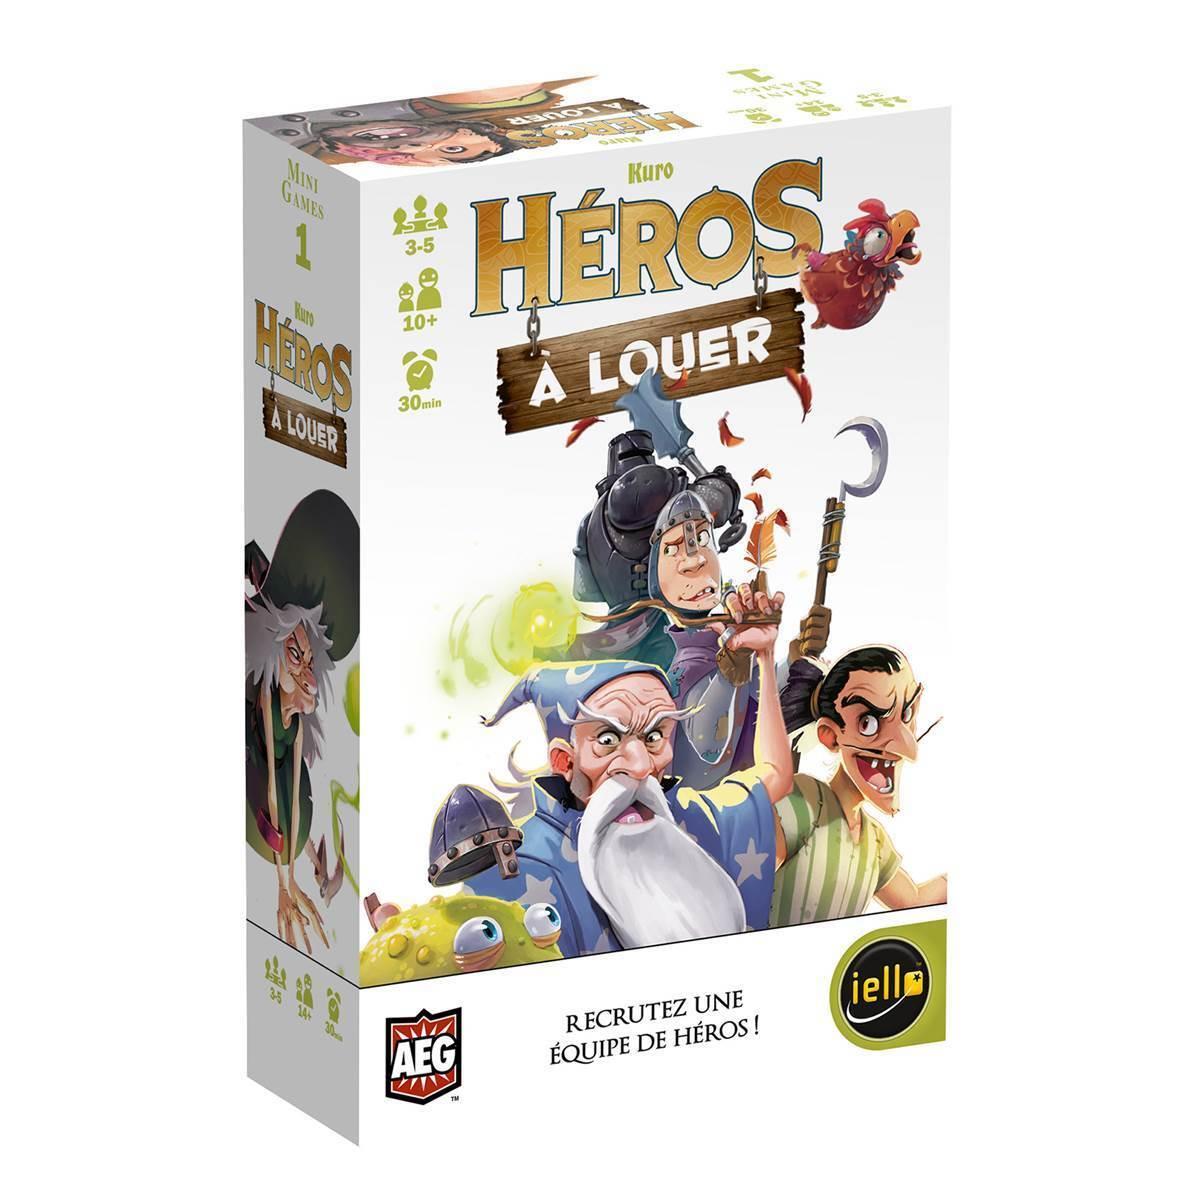 Héros à louer - Iello